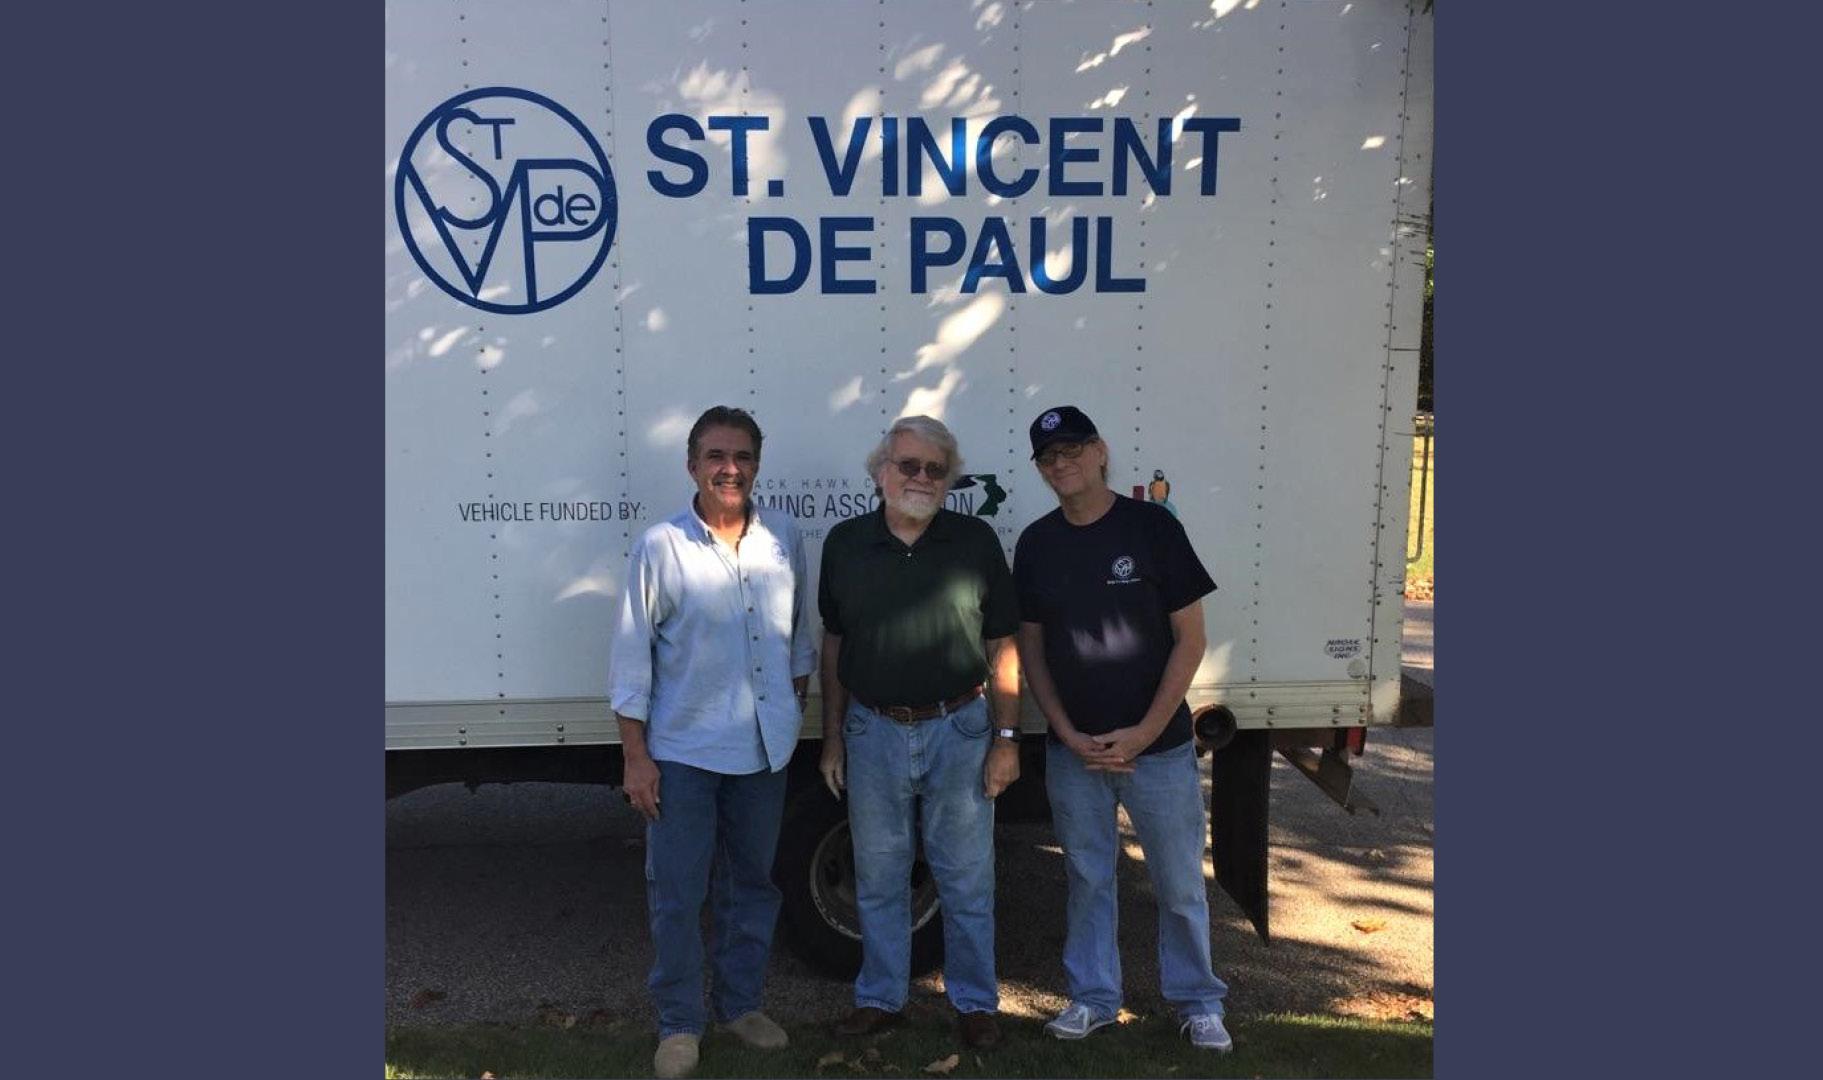 St Vincent s of Waterloo working to meet challenge of helping poor